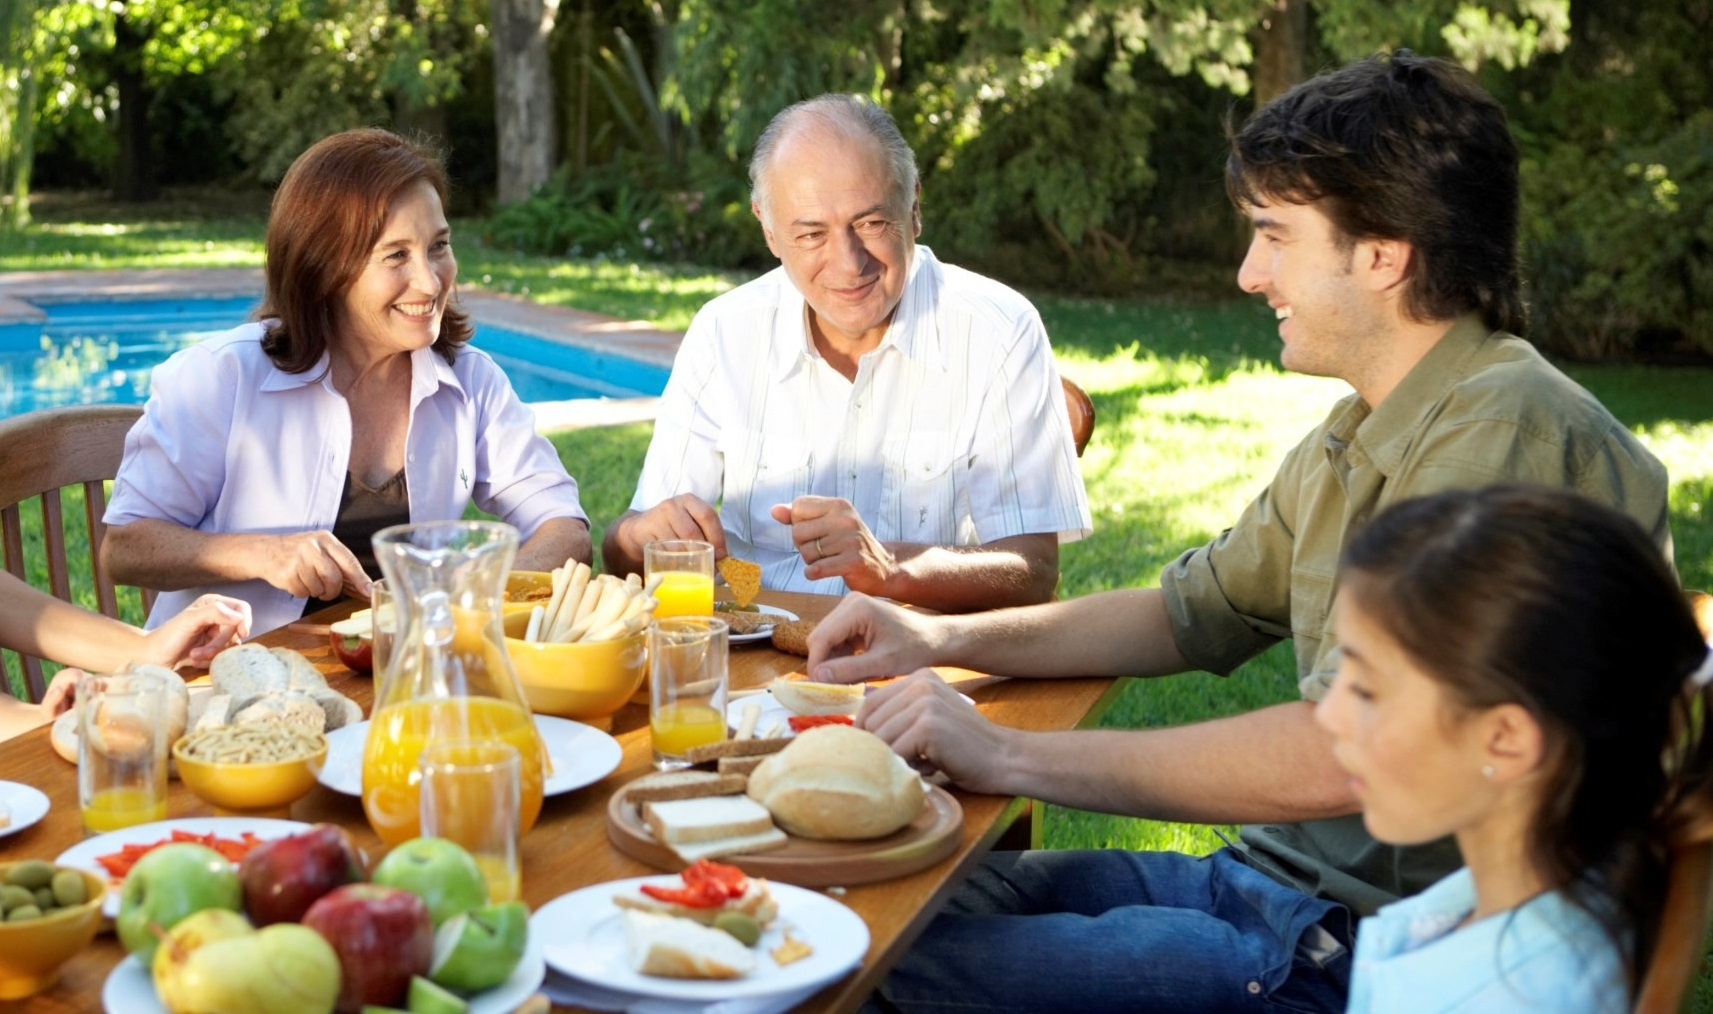 """Nutricionista piquense brinda  valiosos consejos para la cuarentena: """"Mantener el número de comidas y hacer ejercicio es fundamental"""""""